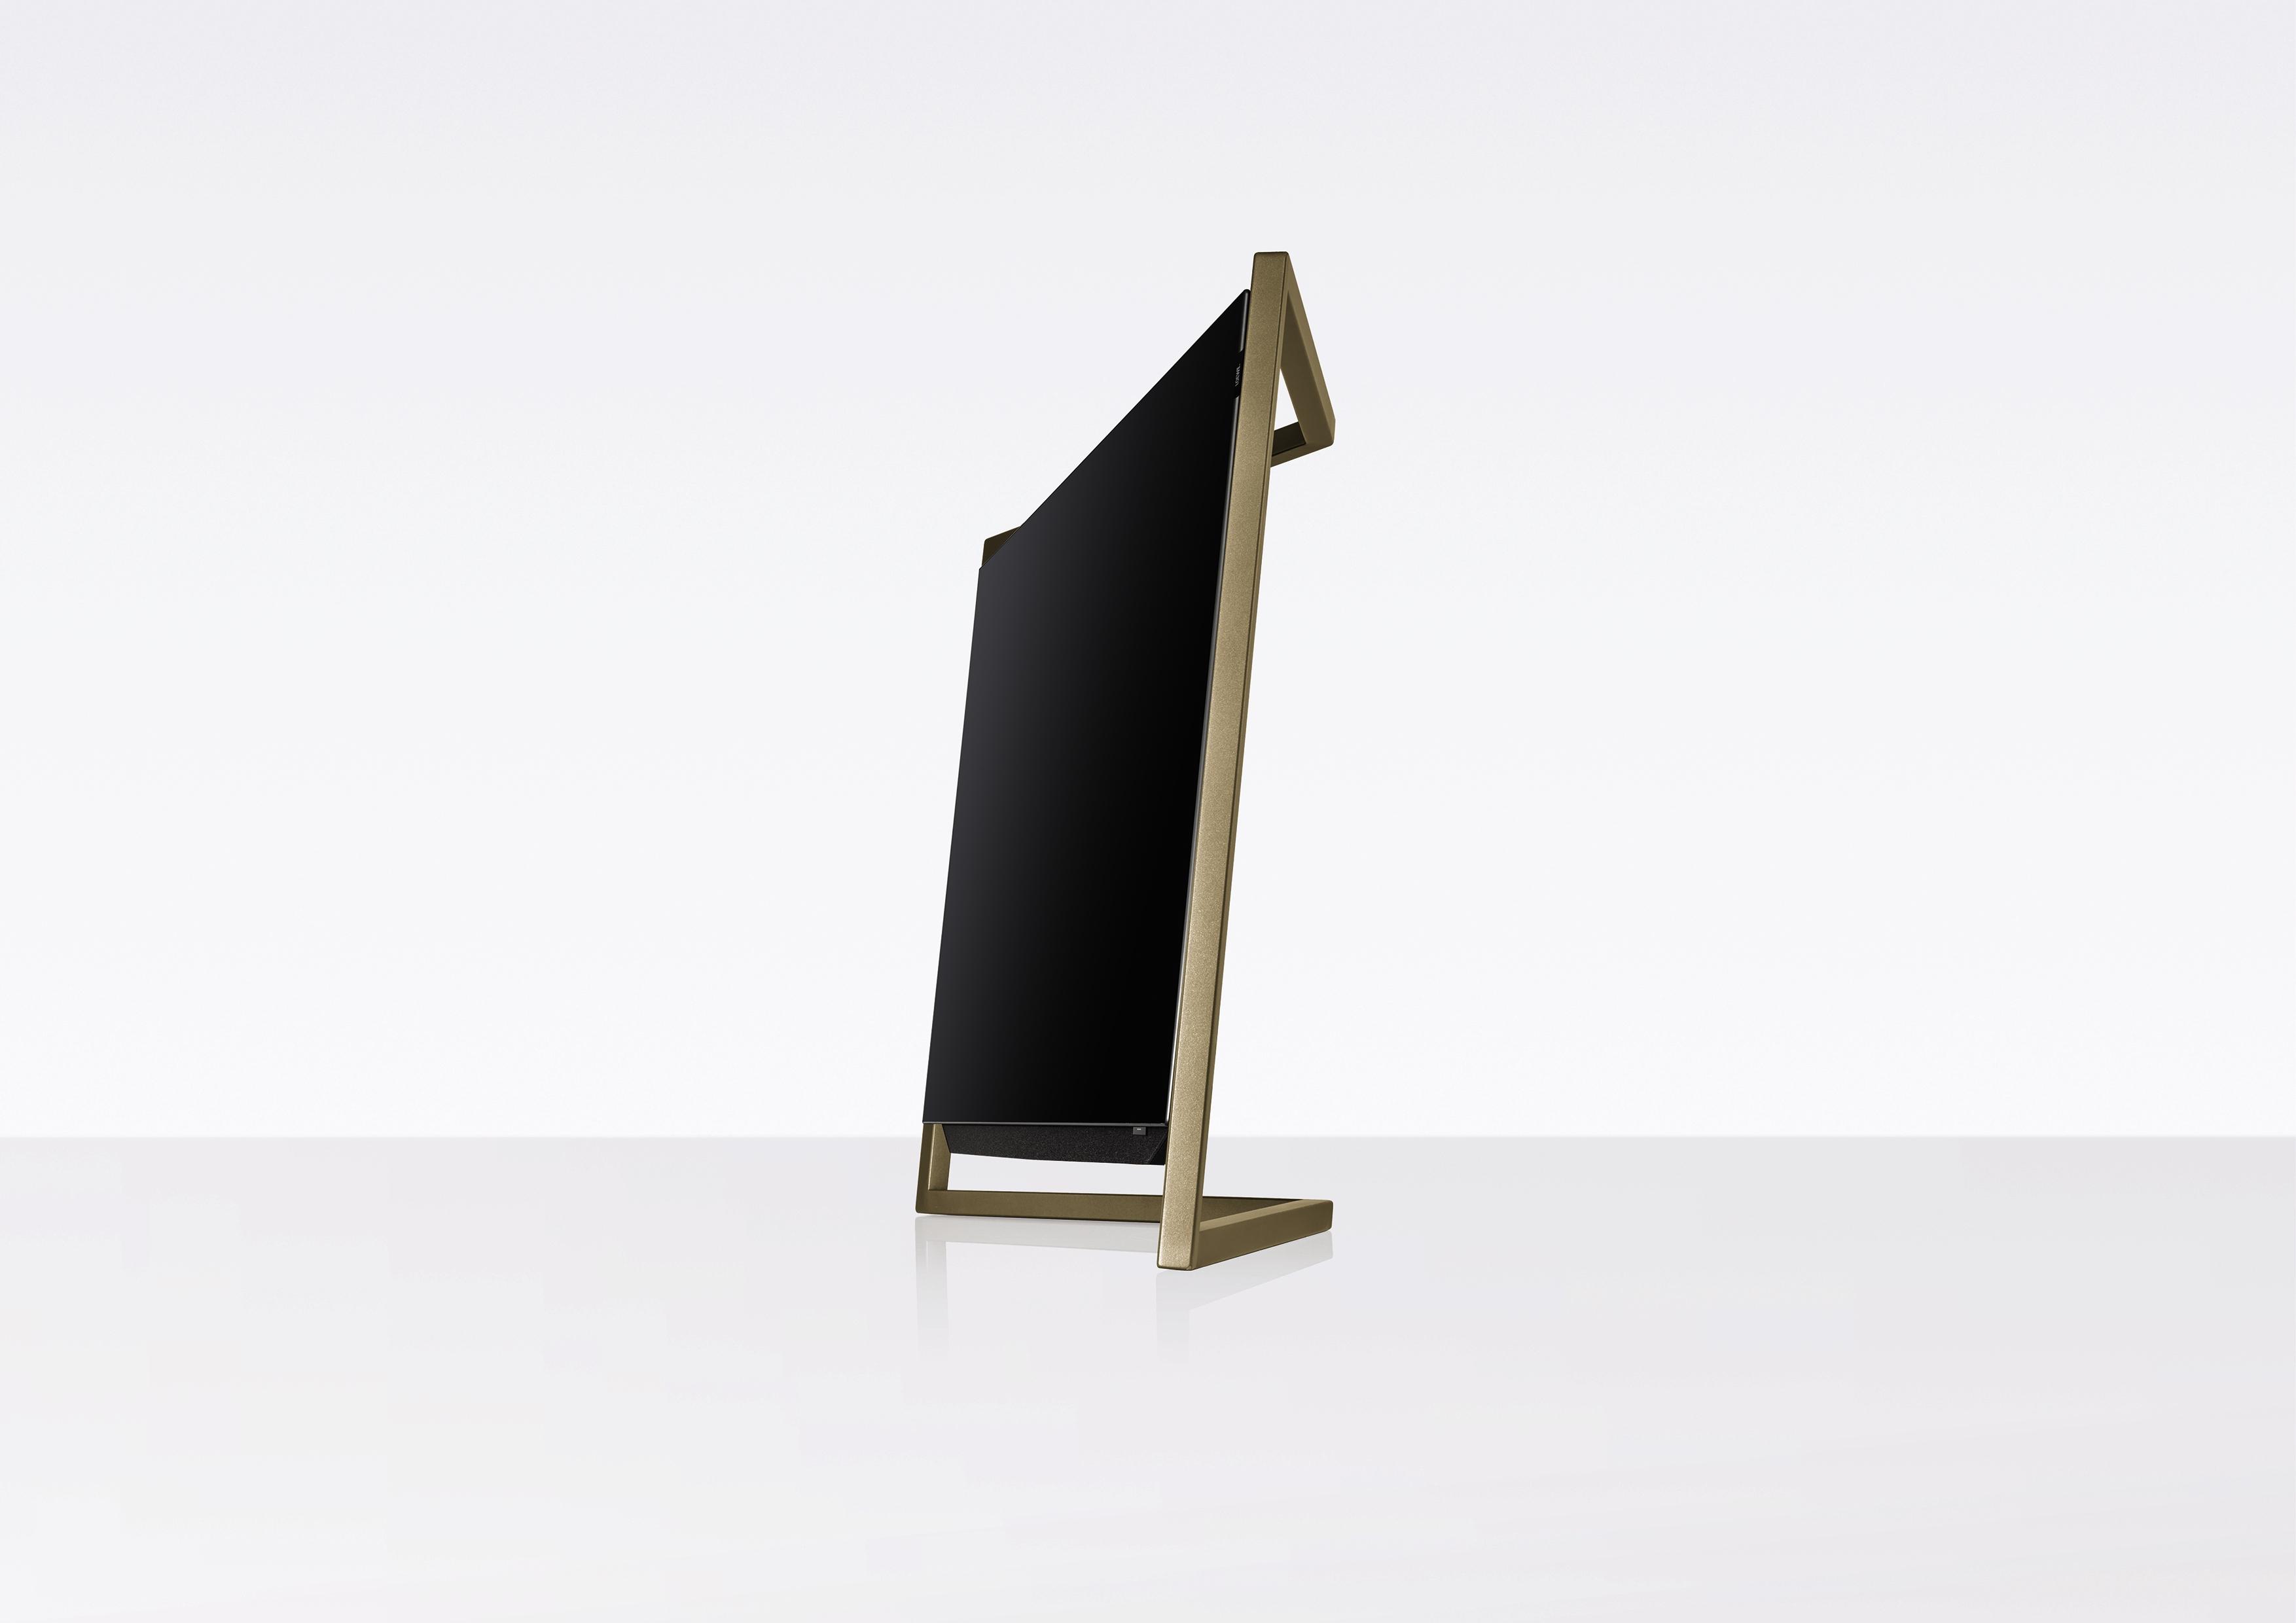 loewe bild 9 55 amber gold bordstander bild 9 lydspecialisten aps. Black Bedroom Furniture Sets. Home Design Ideas